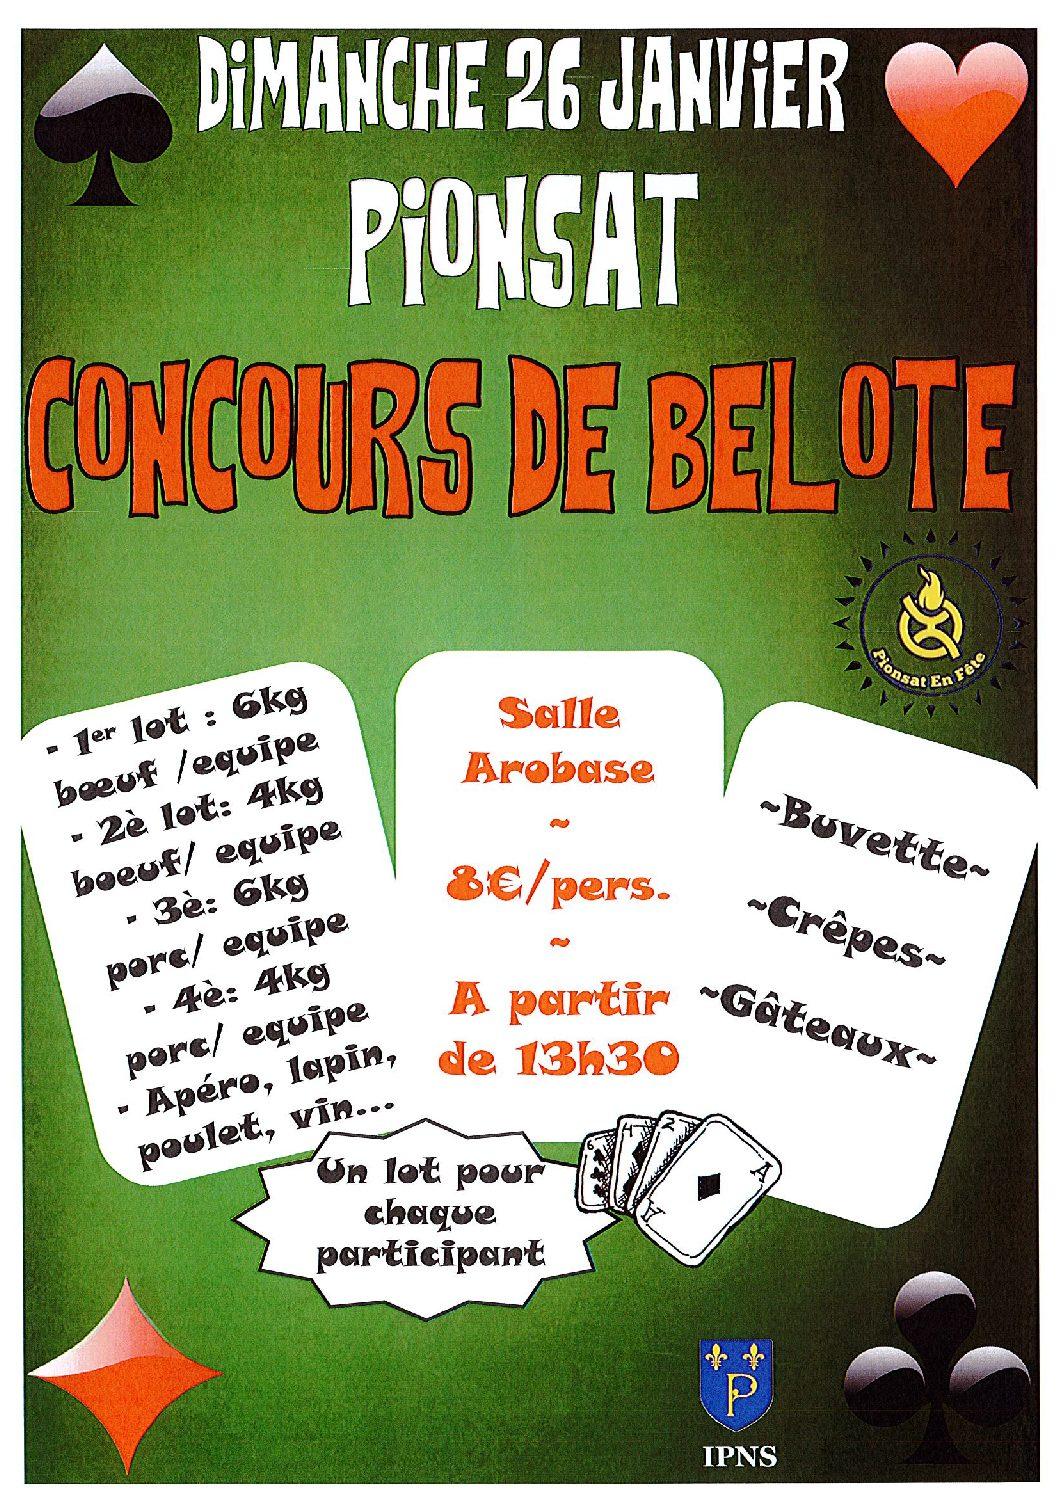 CONCOURS DE BELOTE DU 26 JANVIER 2020